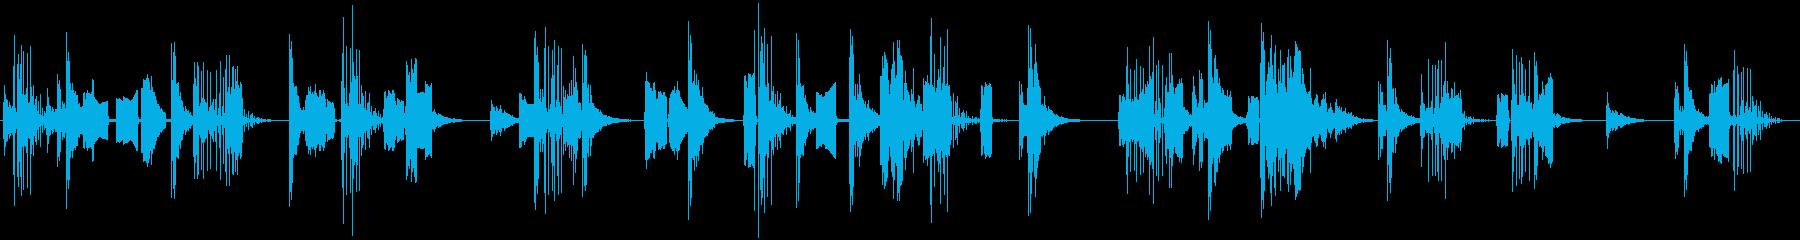 ゲームを「プレイしている」効果音・環境音の再生済みの波形